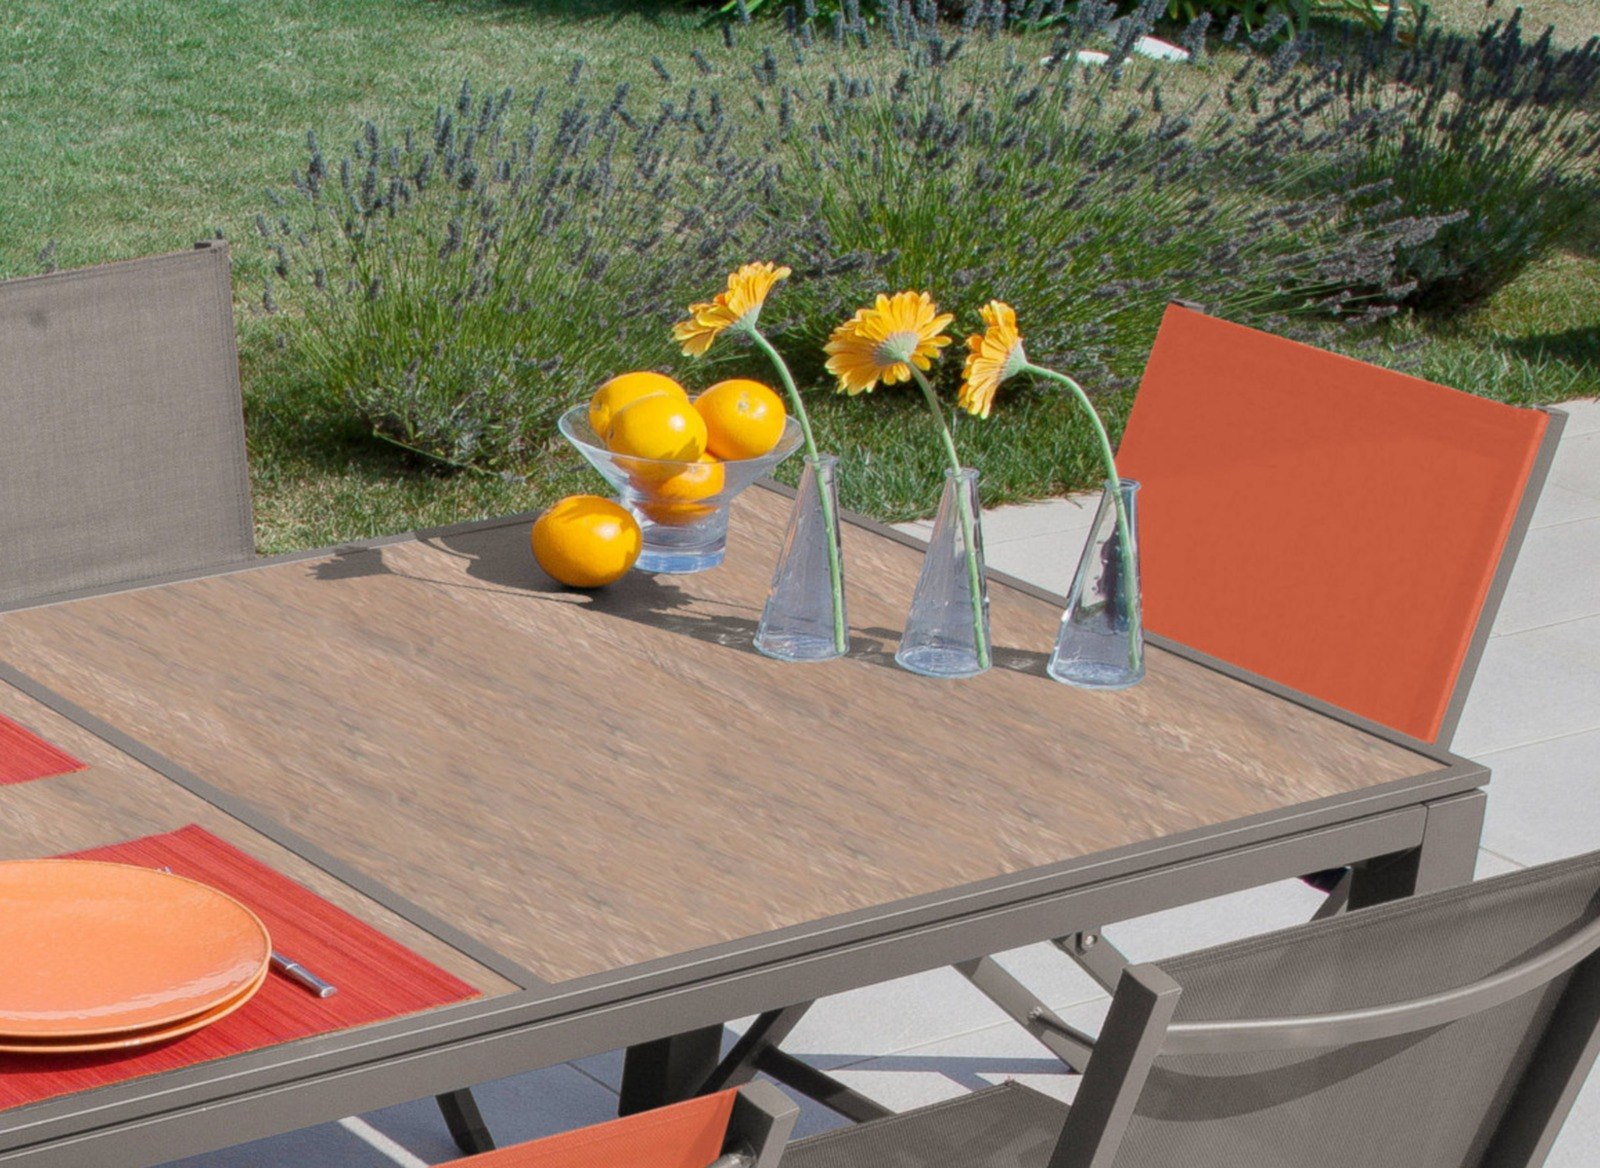 Jardin Plateau Romane Mobilier De Céramique Proloisirs Table 9ED2WIH